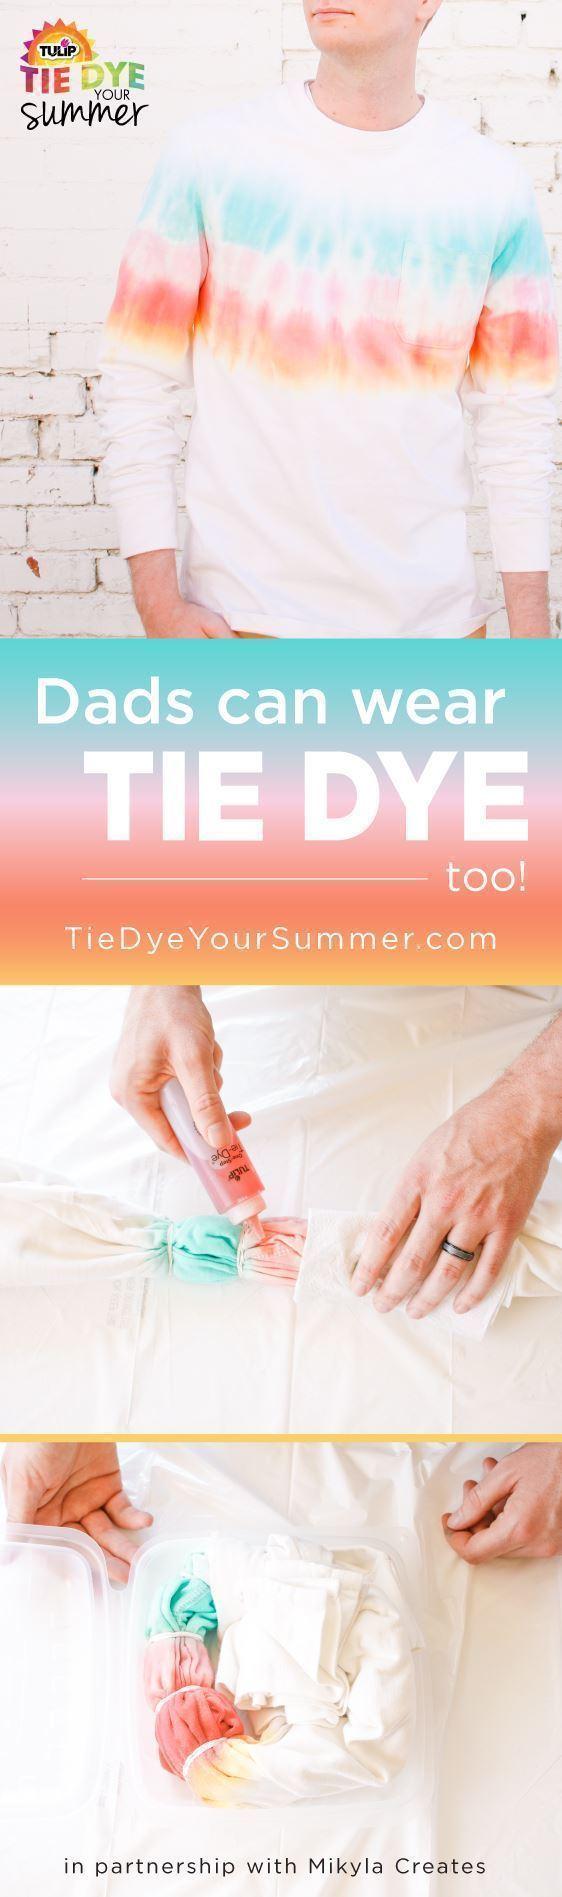 Men's Tie-Dye Shirt